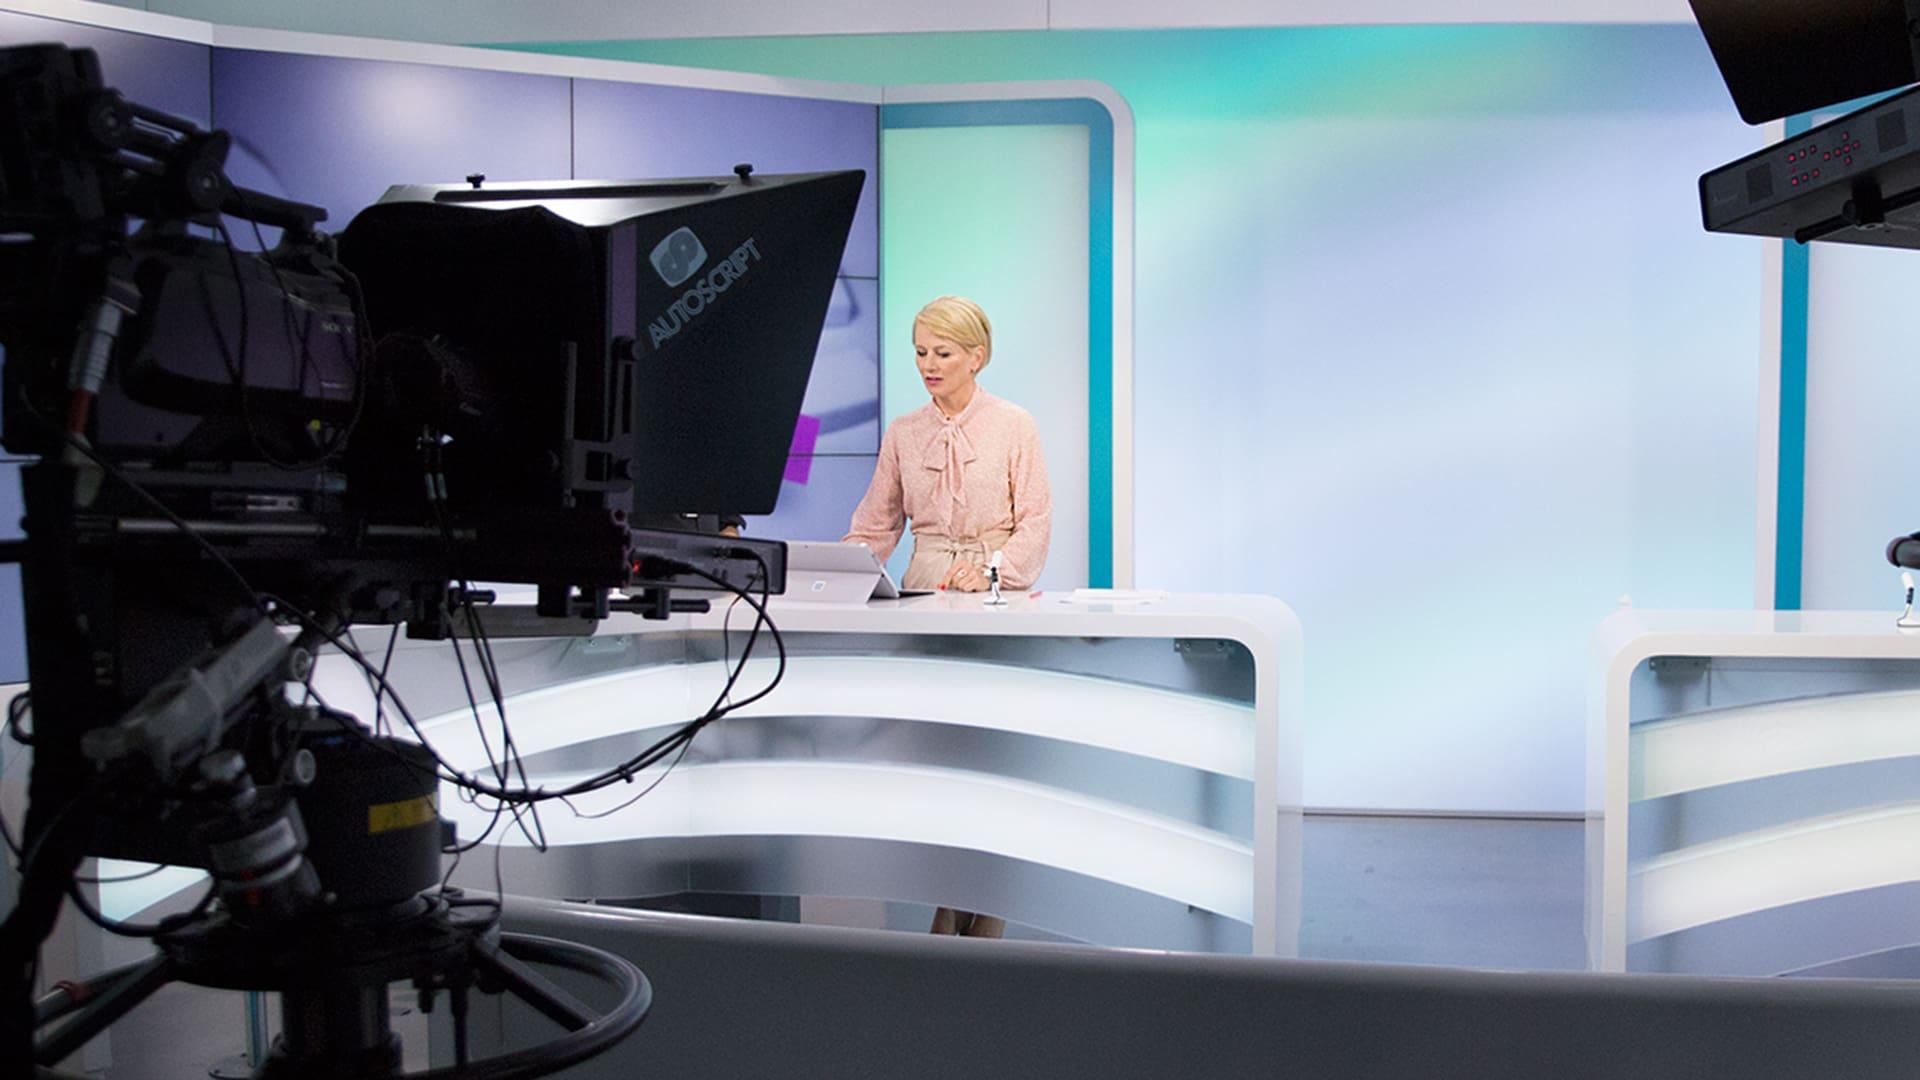 Tv 3 Uutiset